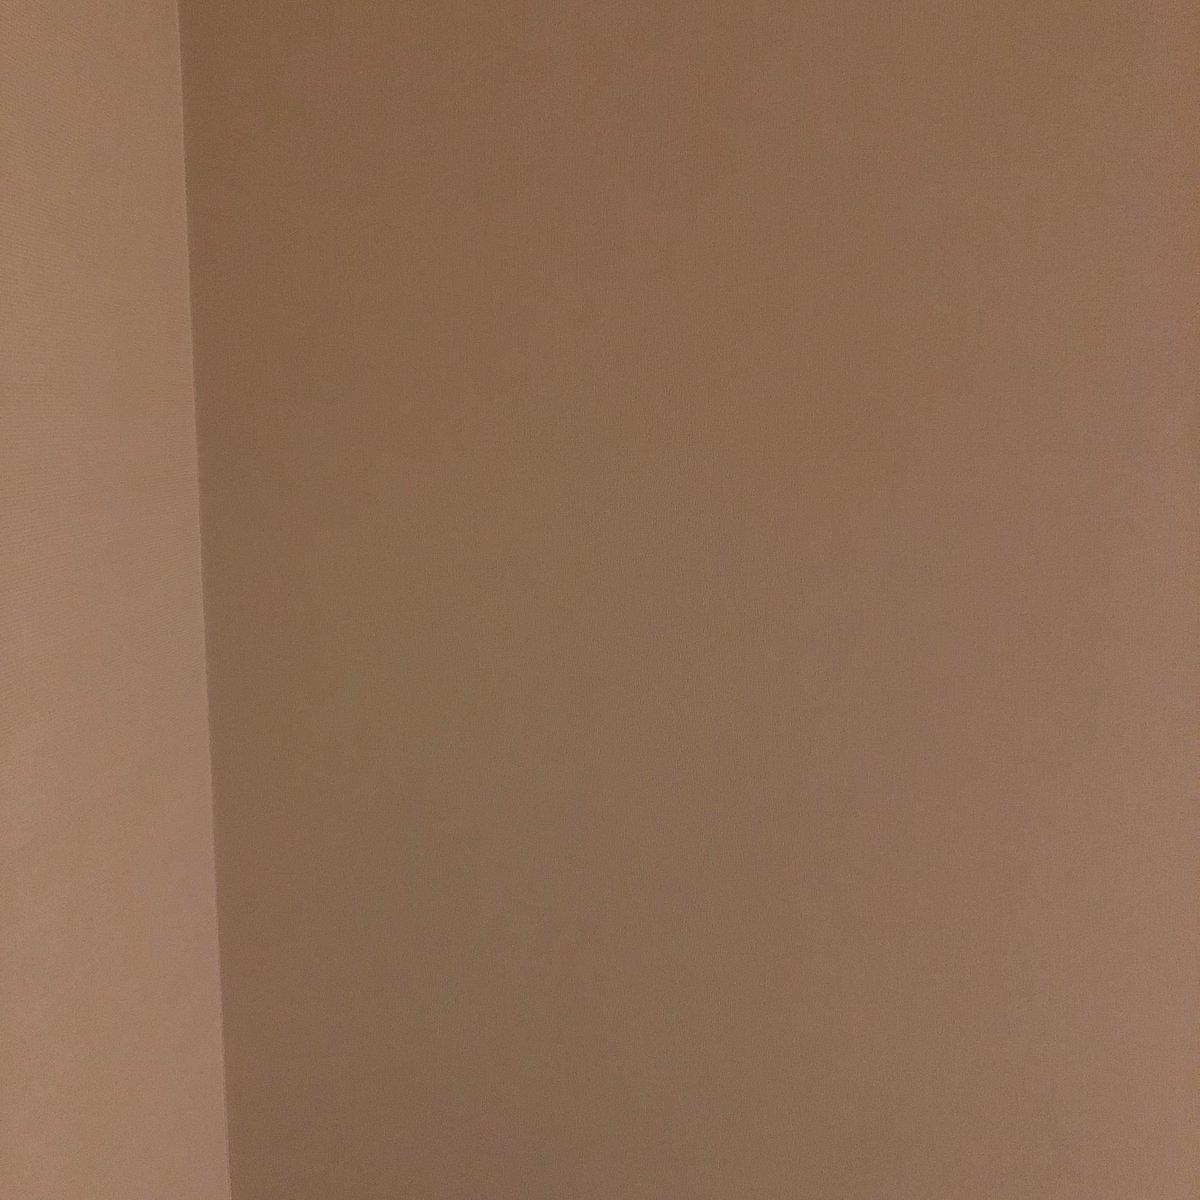 orion12日目☪︎ラストDJエディション楽しかったなぁちょっと寂しいけど残りの公演頑張りますあ、今日は写真を撮る時間がなかったので今夜泊まるホテルの天井で勘弁してください。じゃ